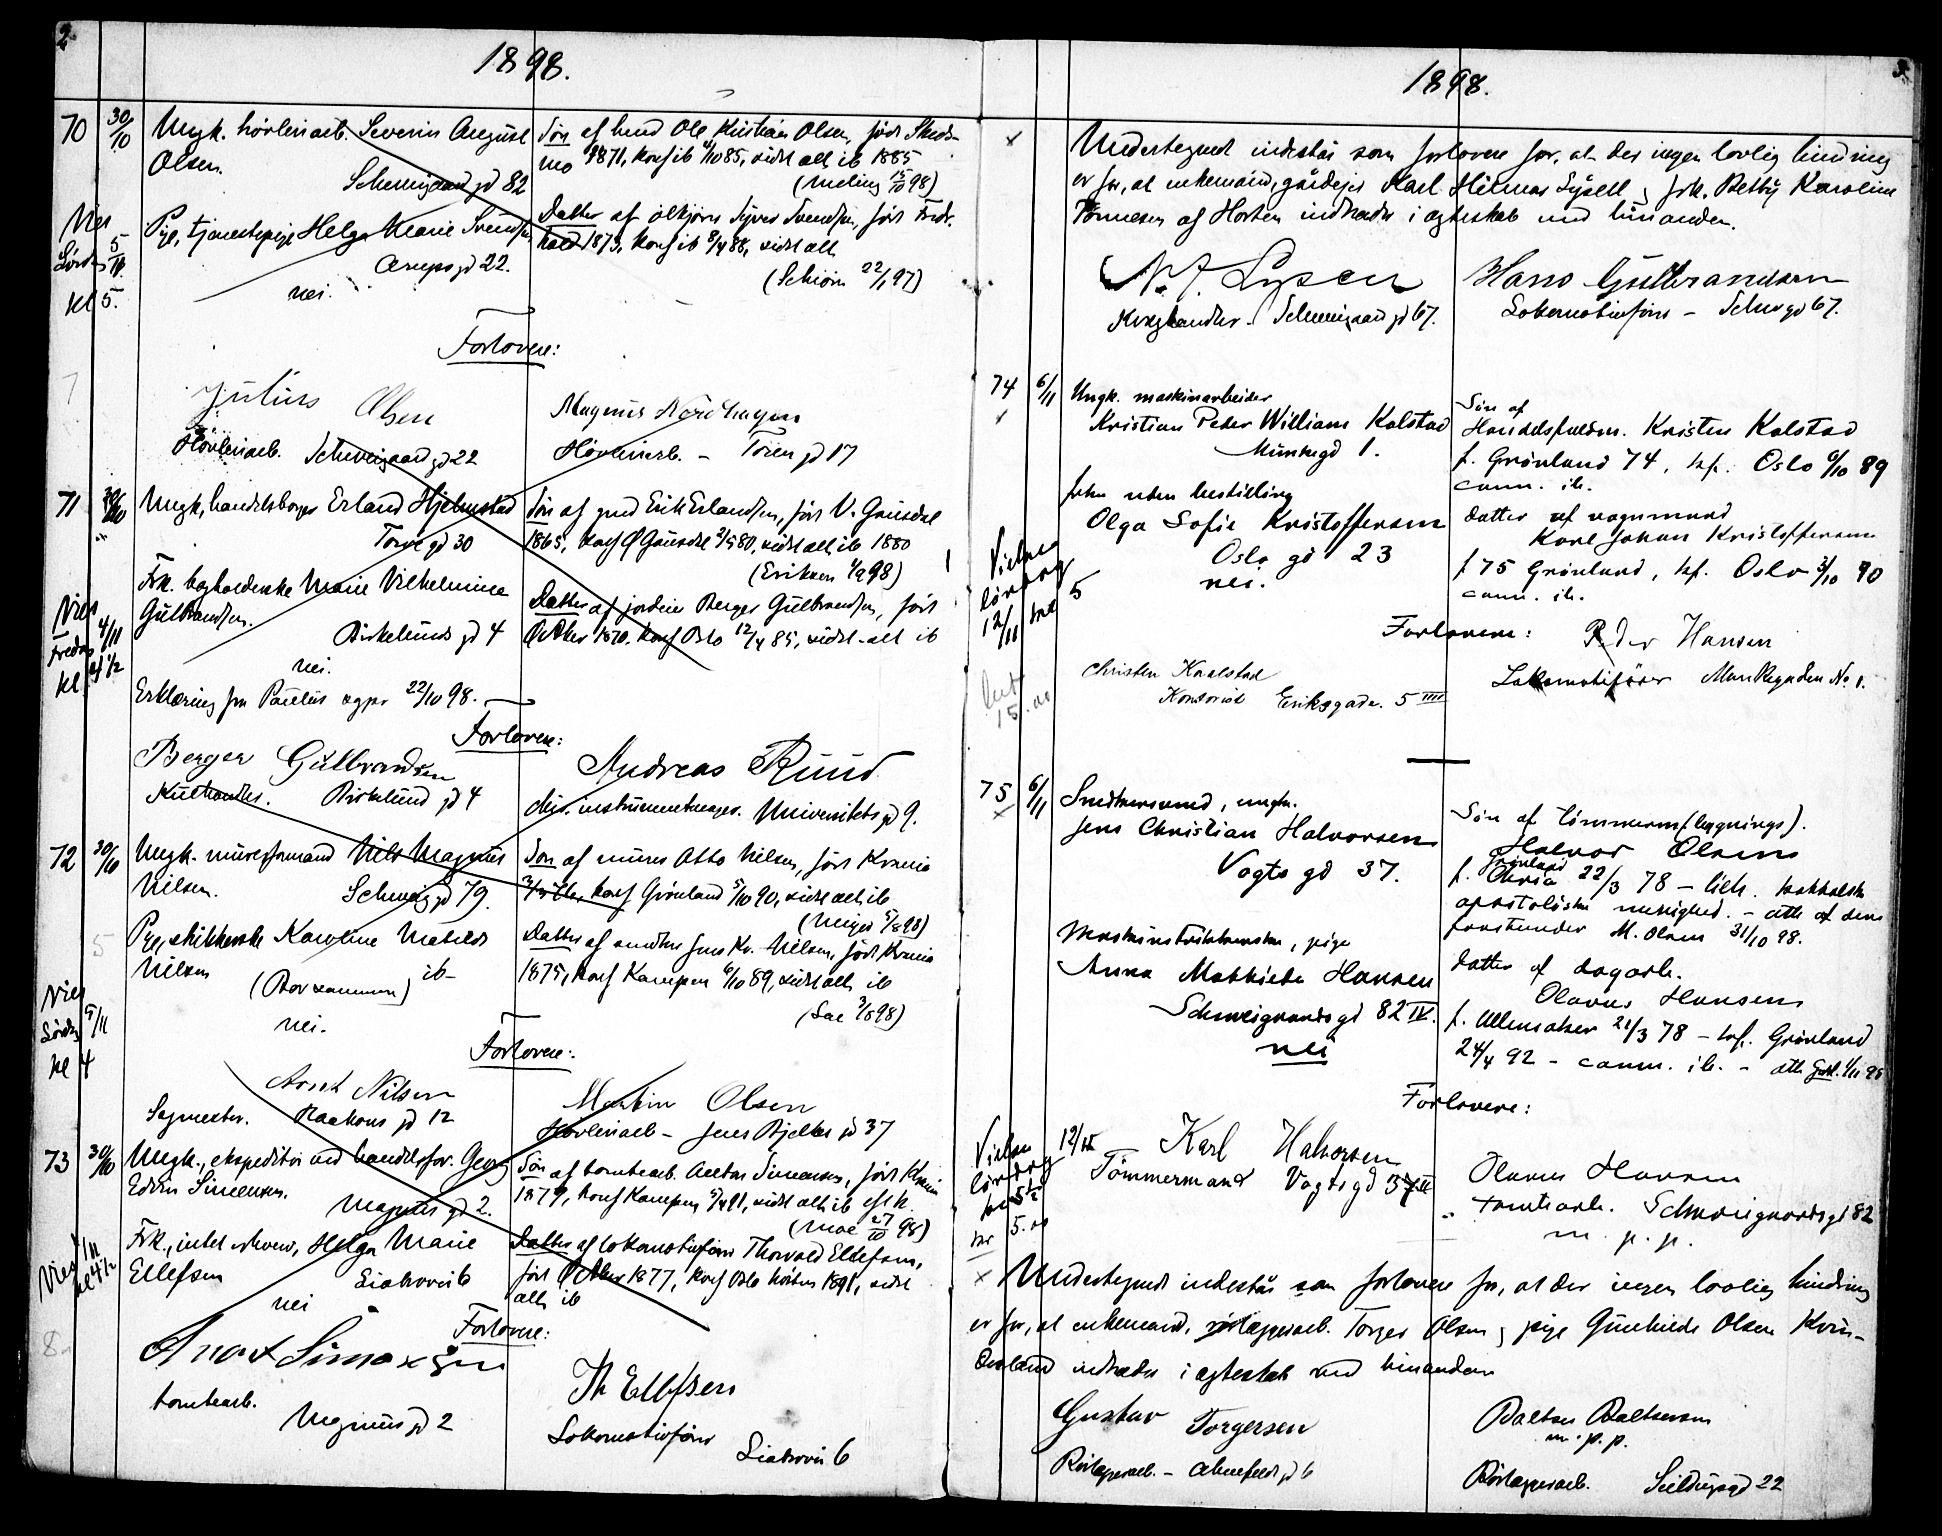 SAO, Gamlebyen prestekontor Kirkebøker, H/Ha/L0002: Lysningsprotokoll nr. 2, 1898-1916, s. 2-3